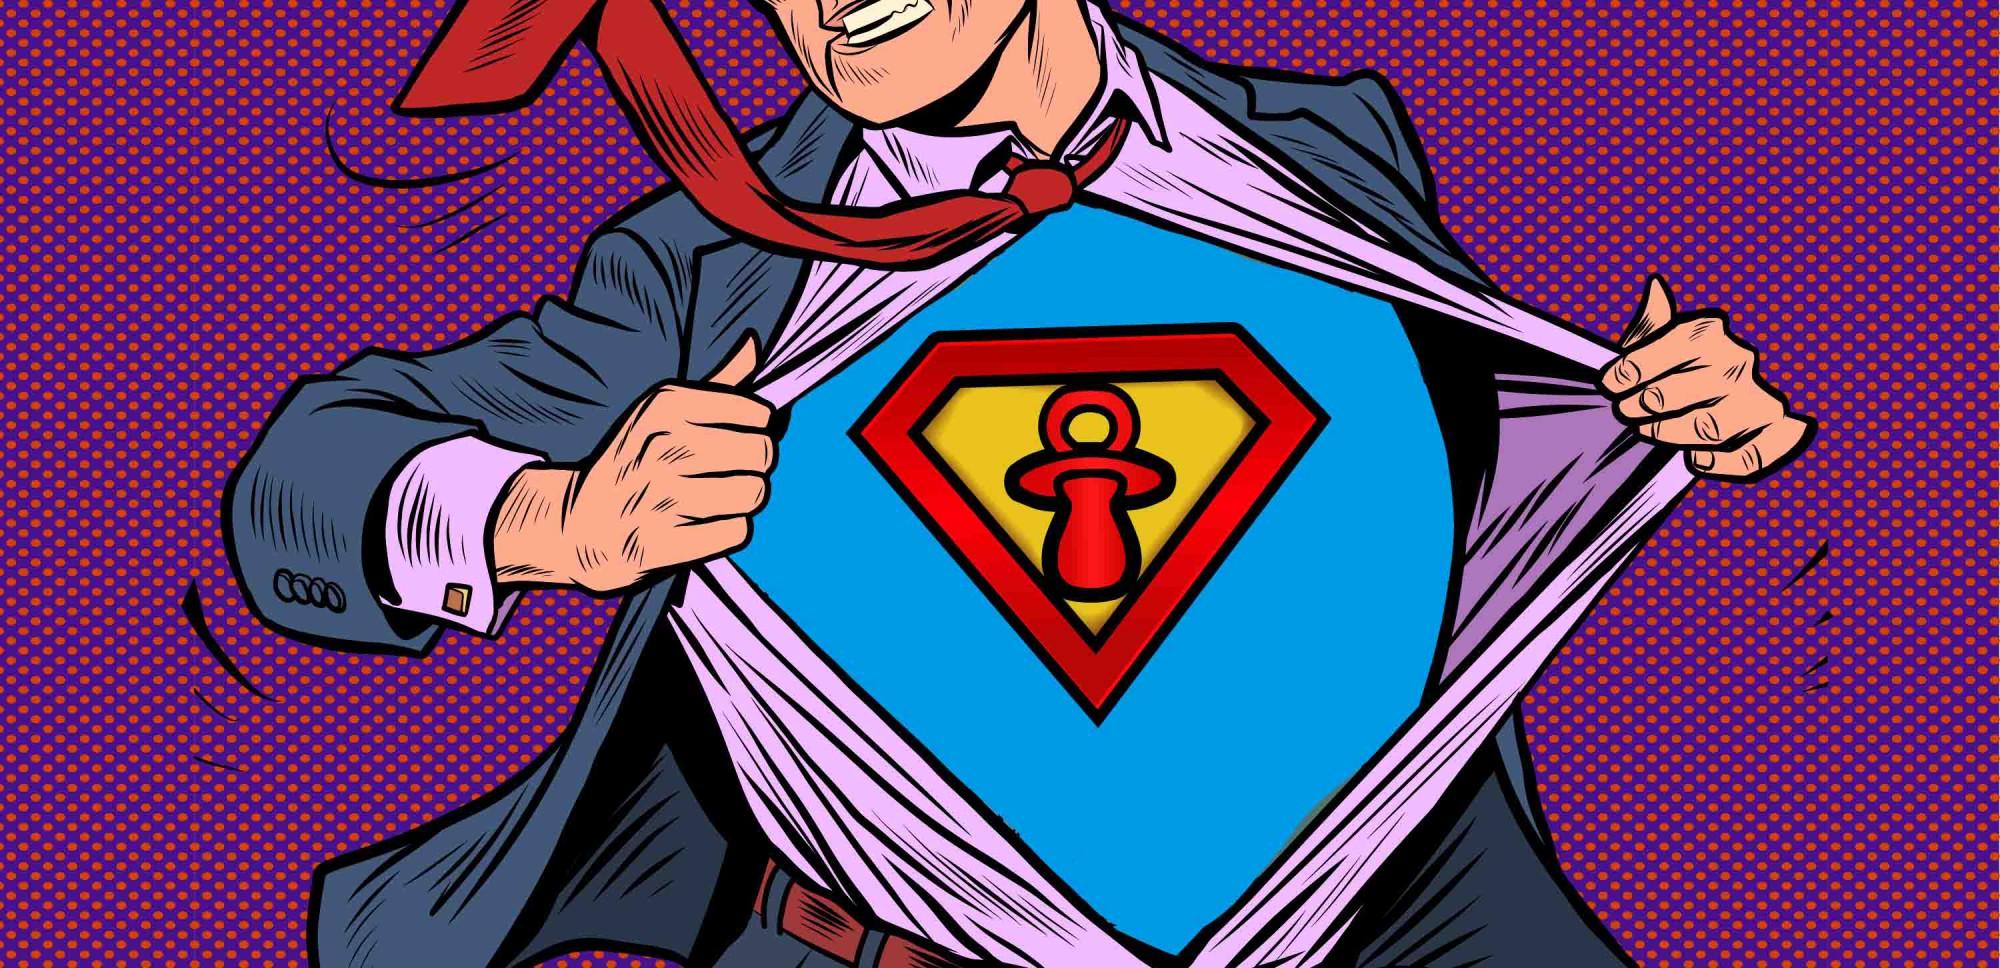 Cómo ser un mejor profesional gracias a los superhéroes